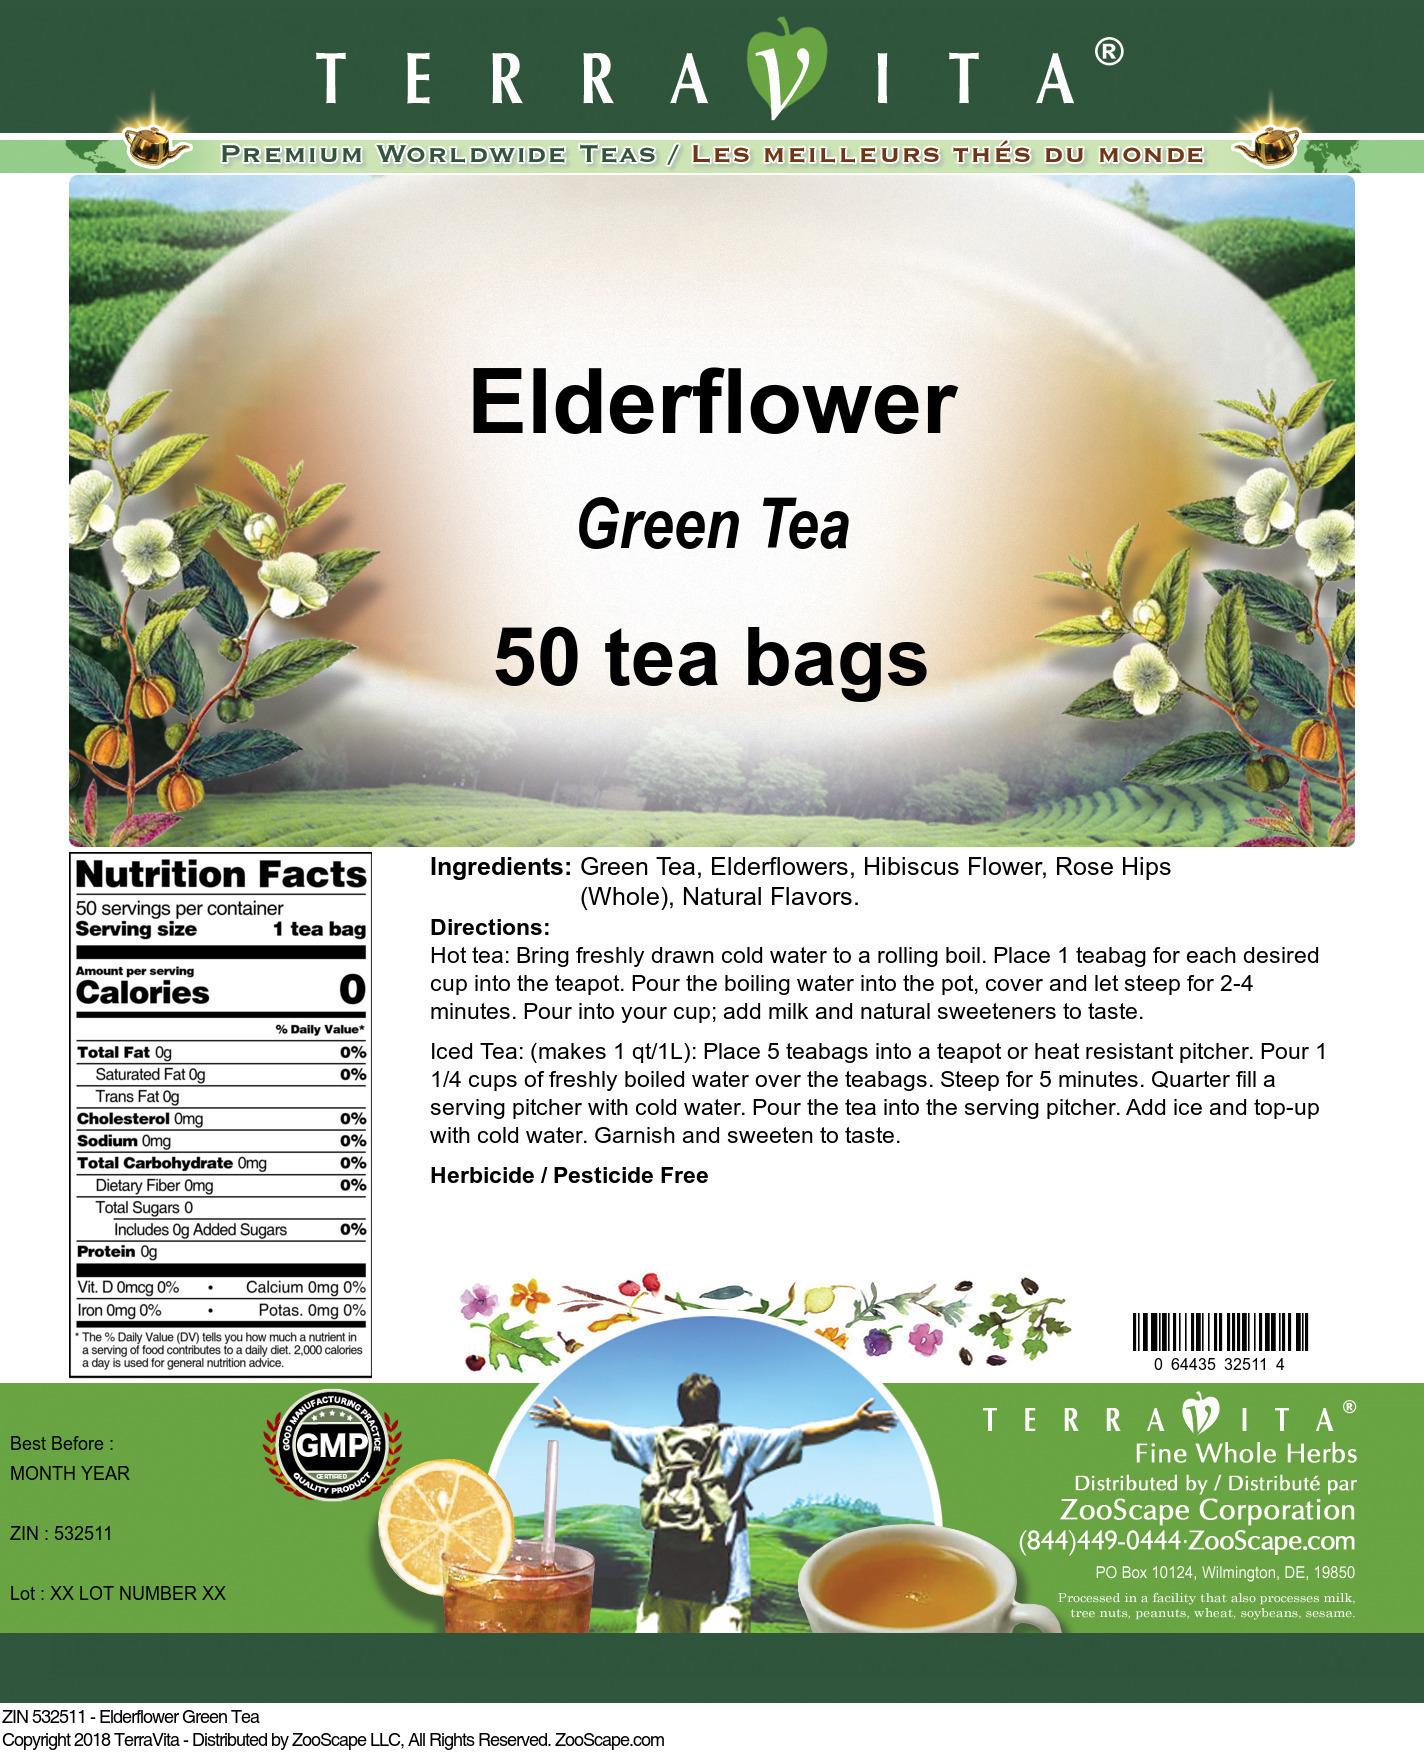 Elderflower Green Tea